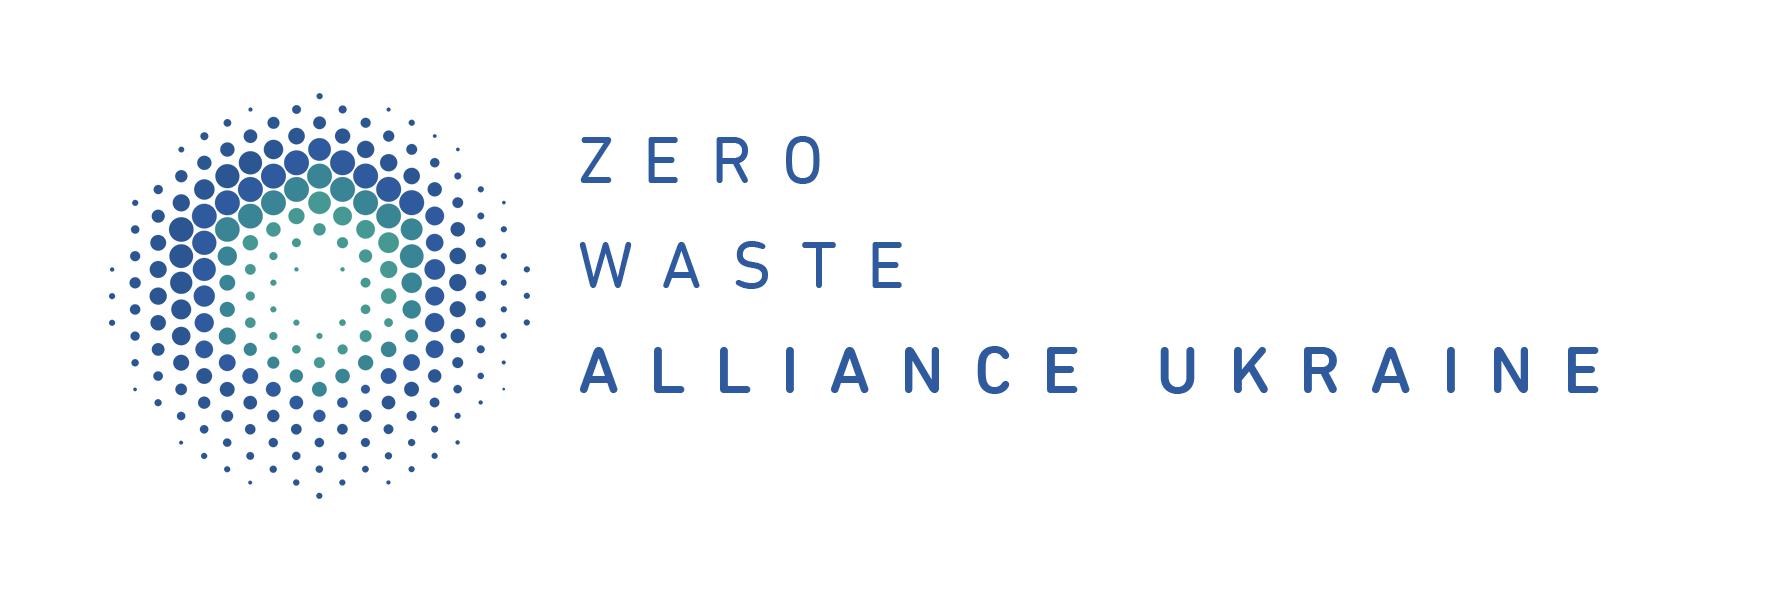 Zero Waste Alliance Ukraine – Official